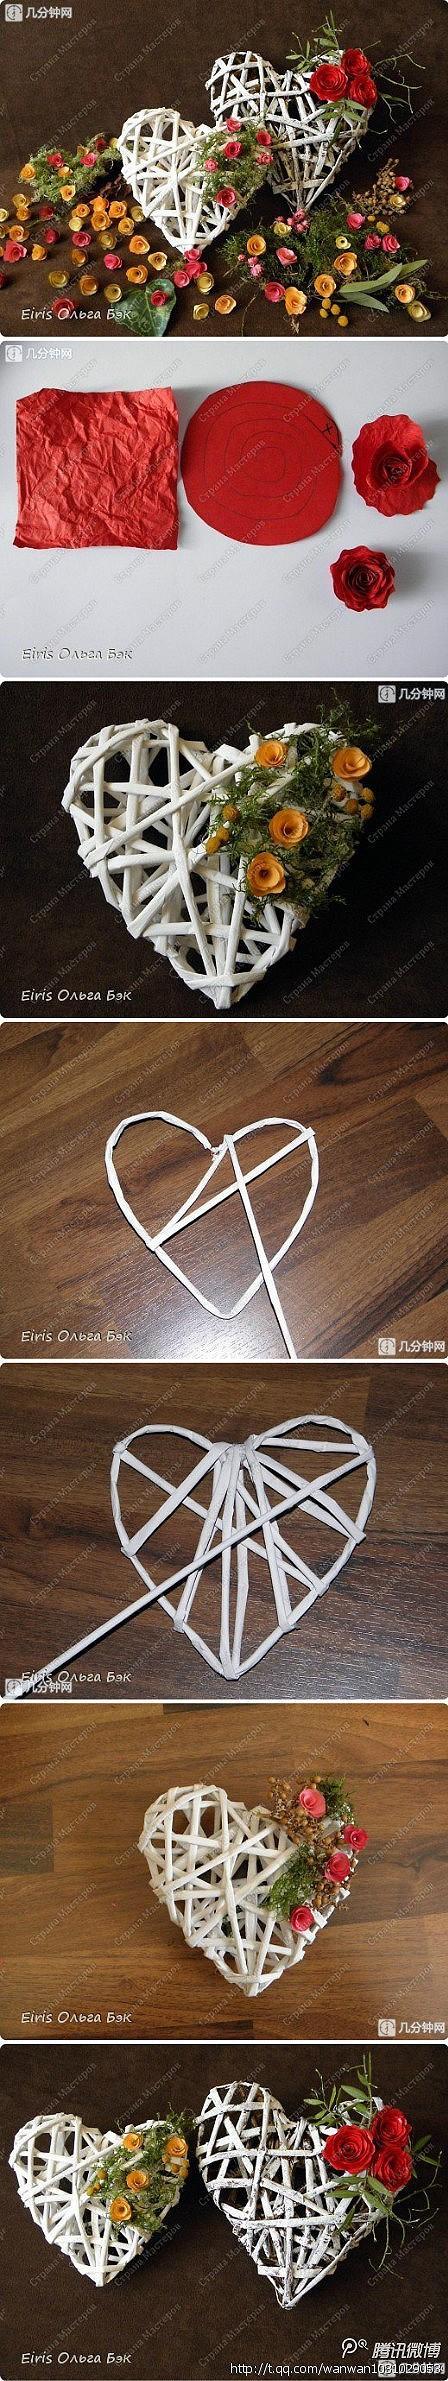 Handmade hearts - lovely.